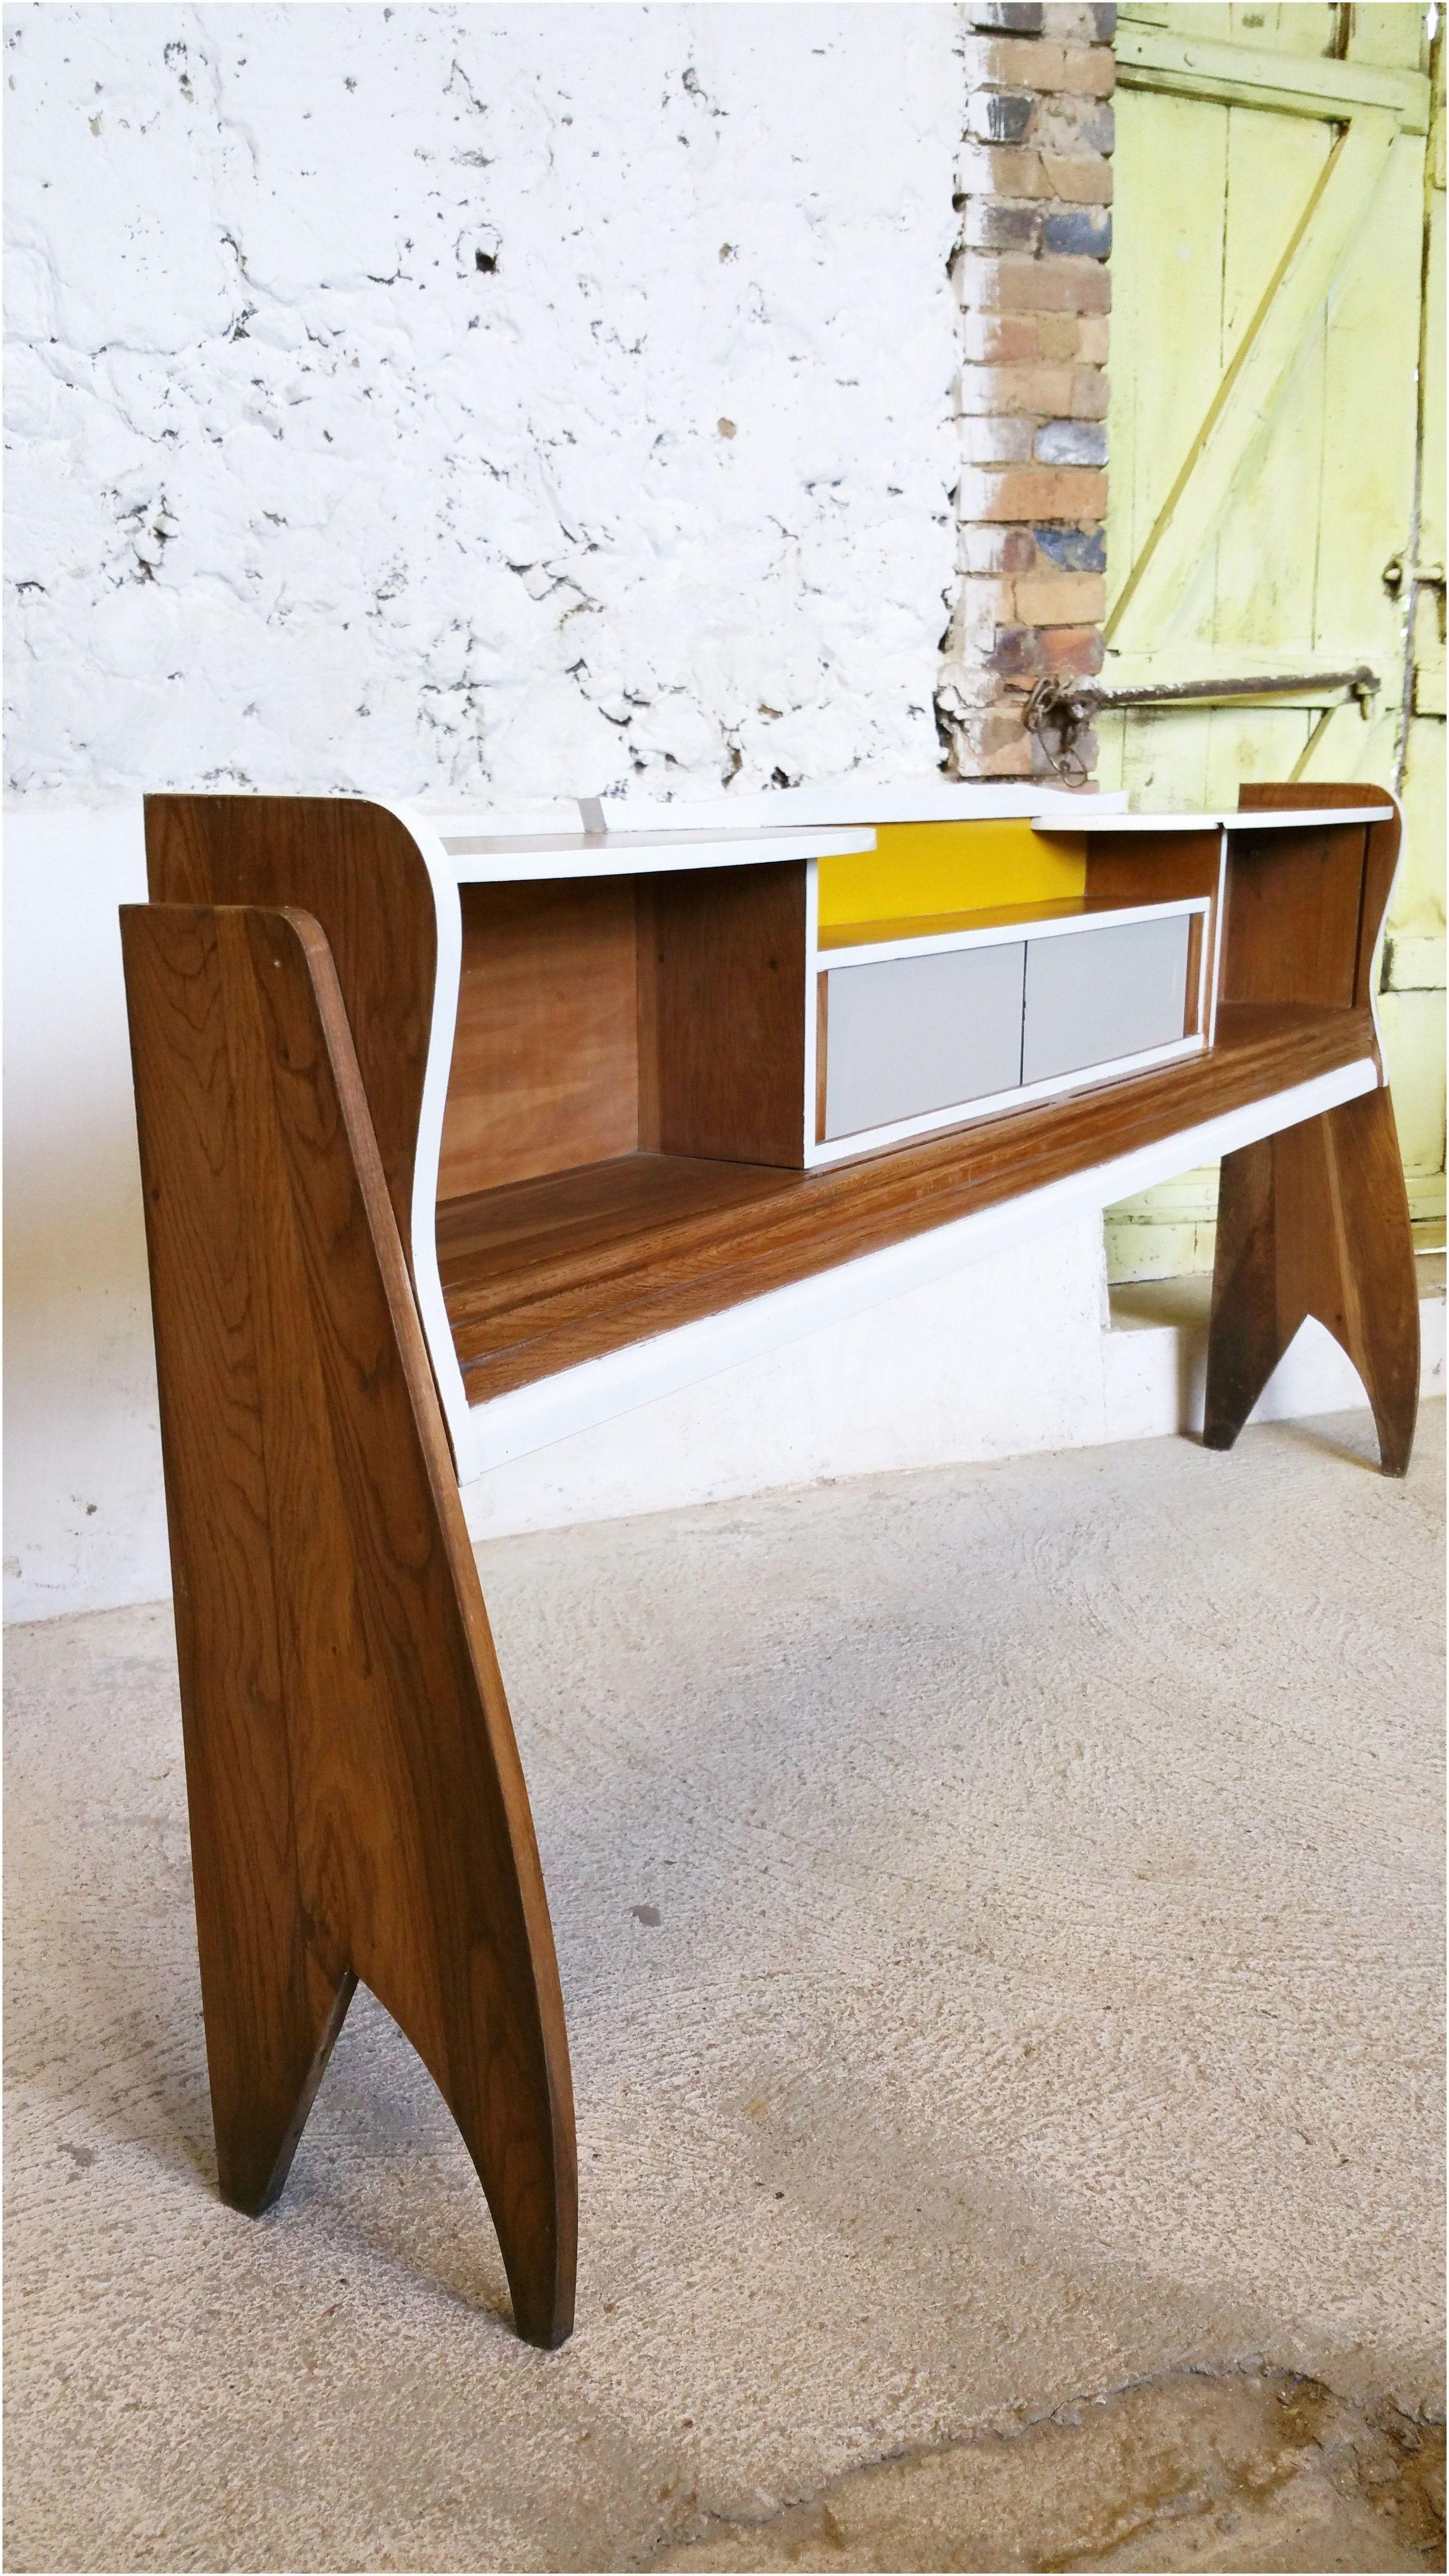 Épinglé par Le paradis du bois sur Cuisine en bois | Ikea ...